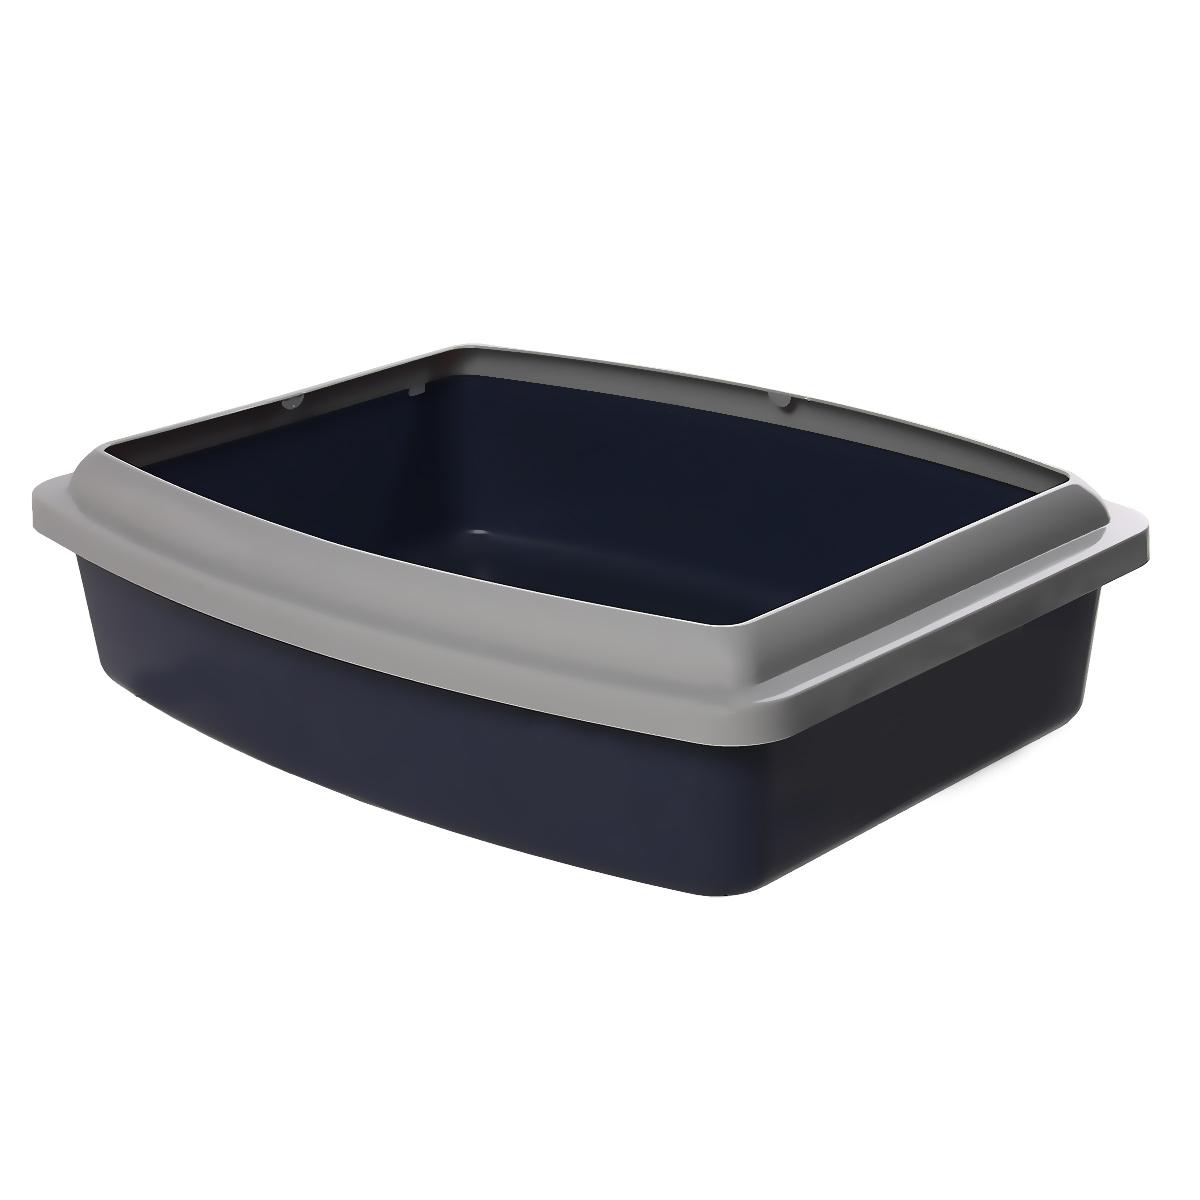 Туалет для кошек Savic Oval Trays Jumbo, с бортом, цвет: темно-синий, серый, 56 х 44 см209Туалет для кошек Savic Oval Trays Jumbo изготовлен из качественного прочного пластика. Высокий цветной борт, прикрепленный по периметру лотка, удобно защелкивается и предотвращает разбрасывание наполнителя. Это самый простой в употреблении предмет обихода для кошек и котов.